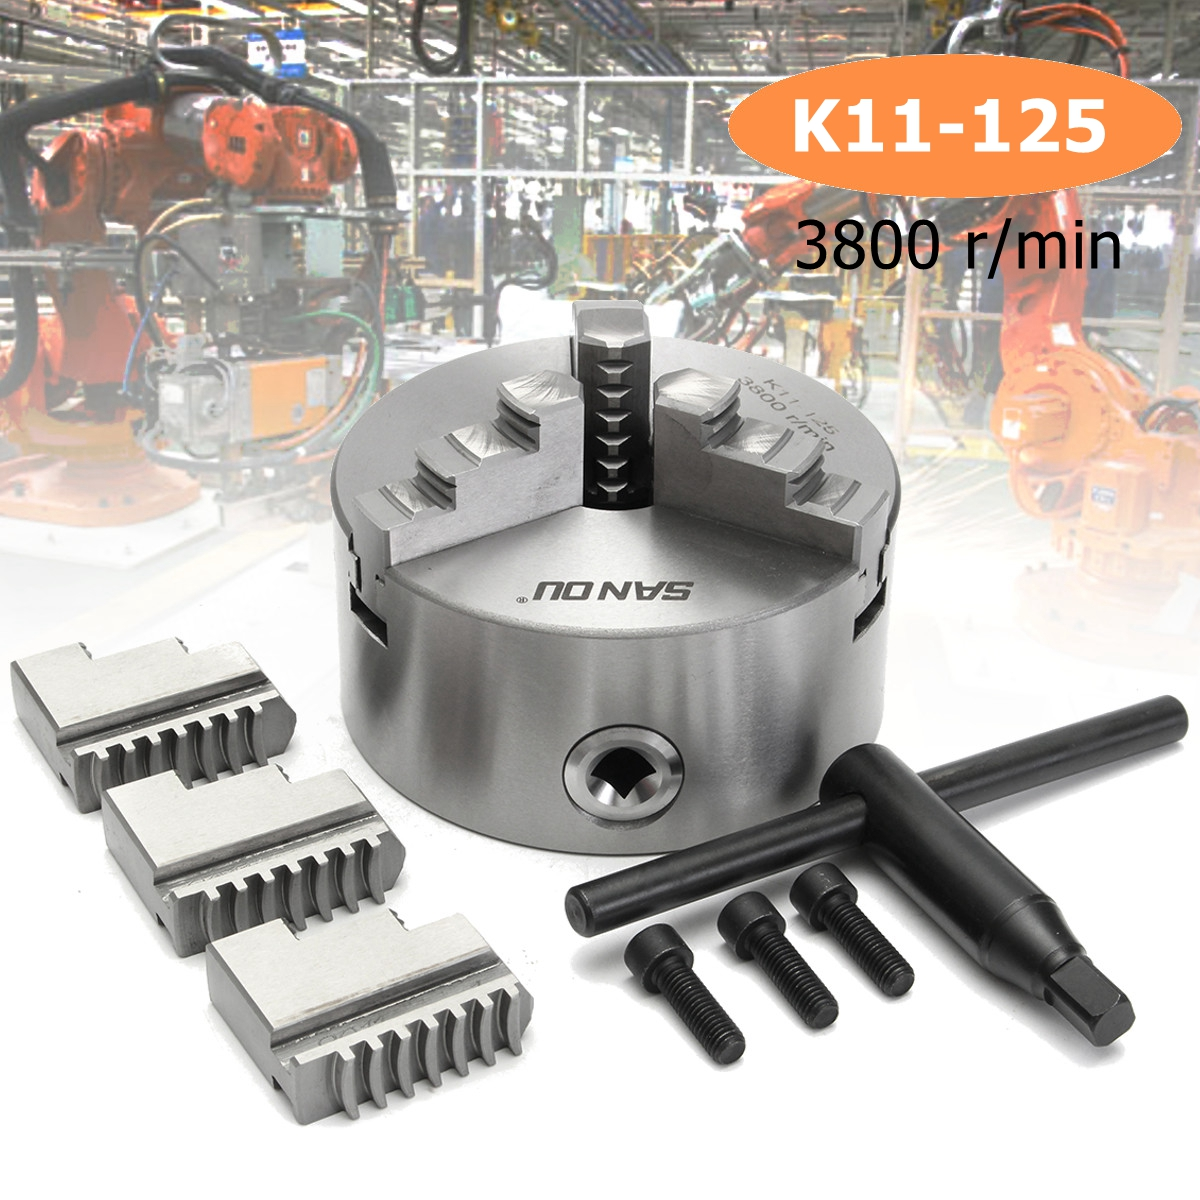 SANOU K11-125 3 Mors Mandrin 125mm Auto Centrage Durci Réversible Outil pour Fraisage De Forage Machine